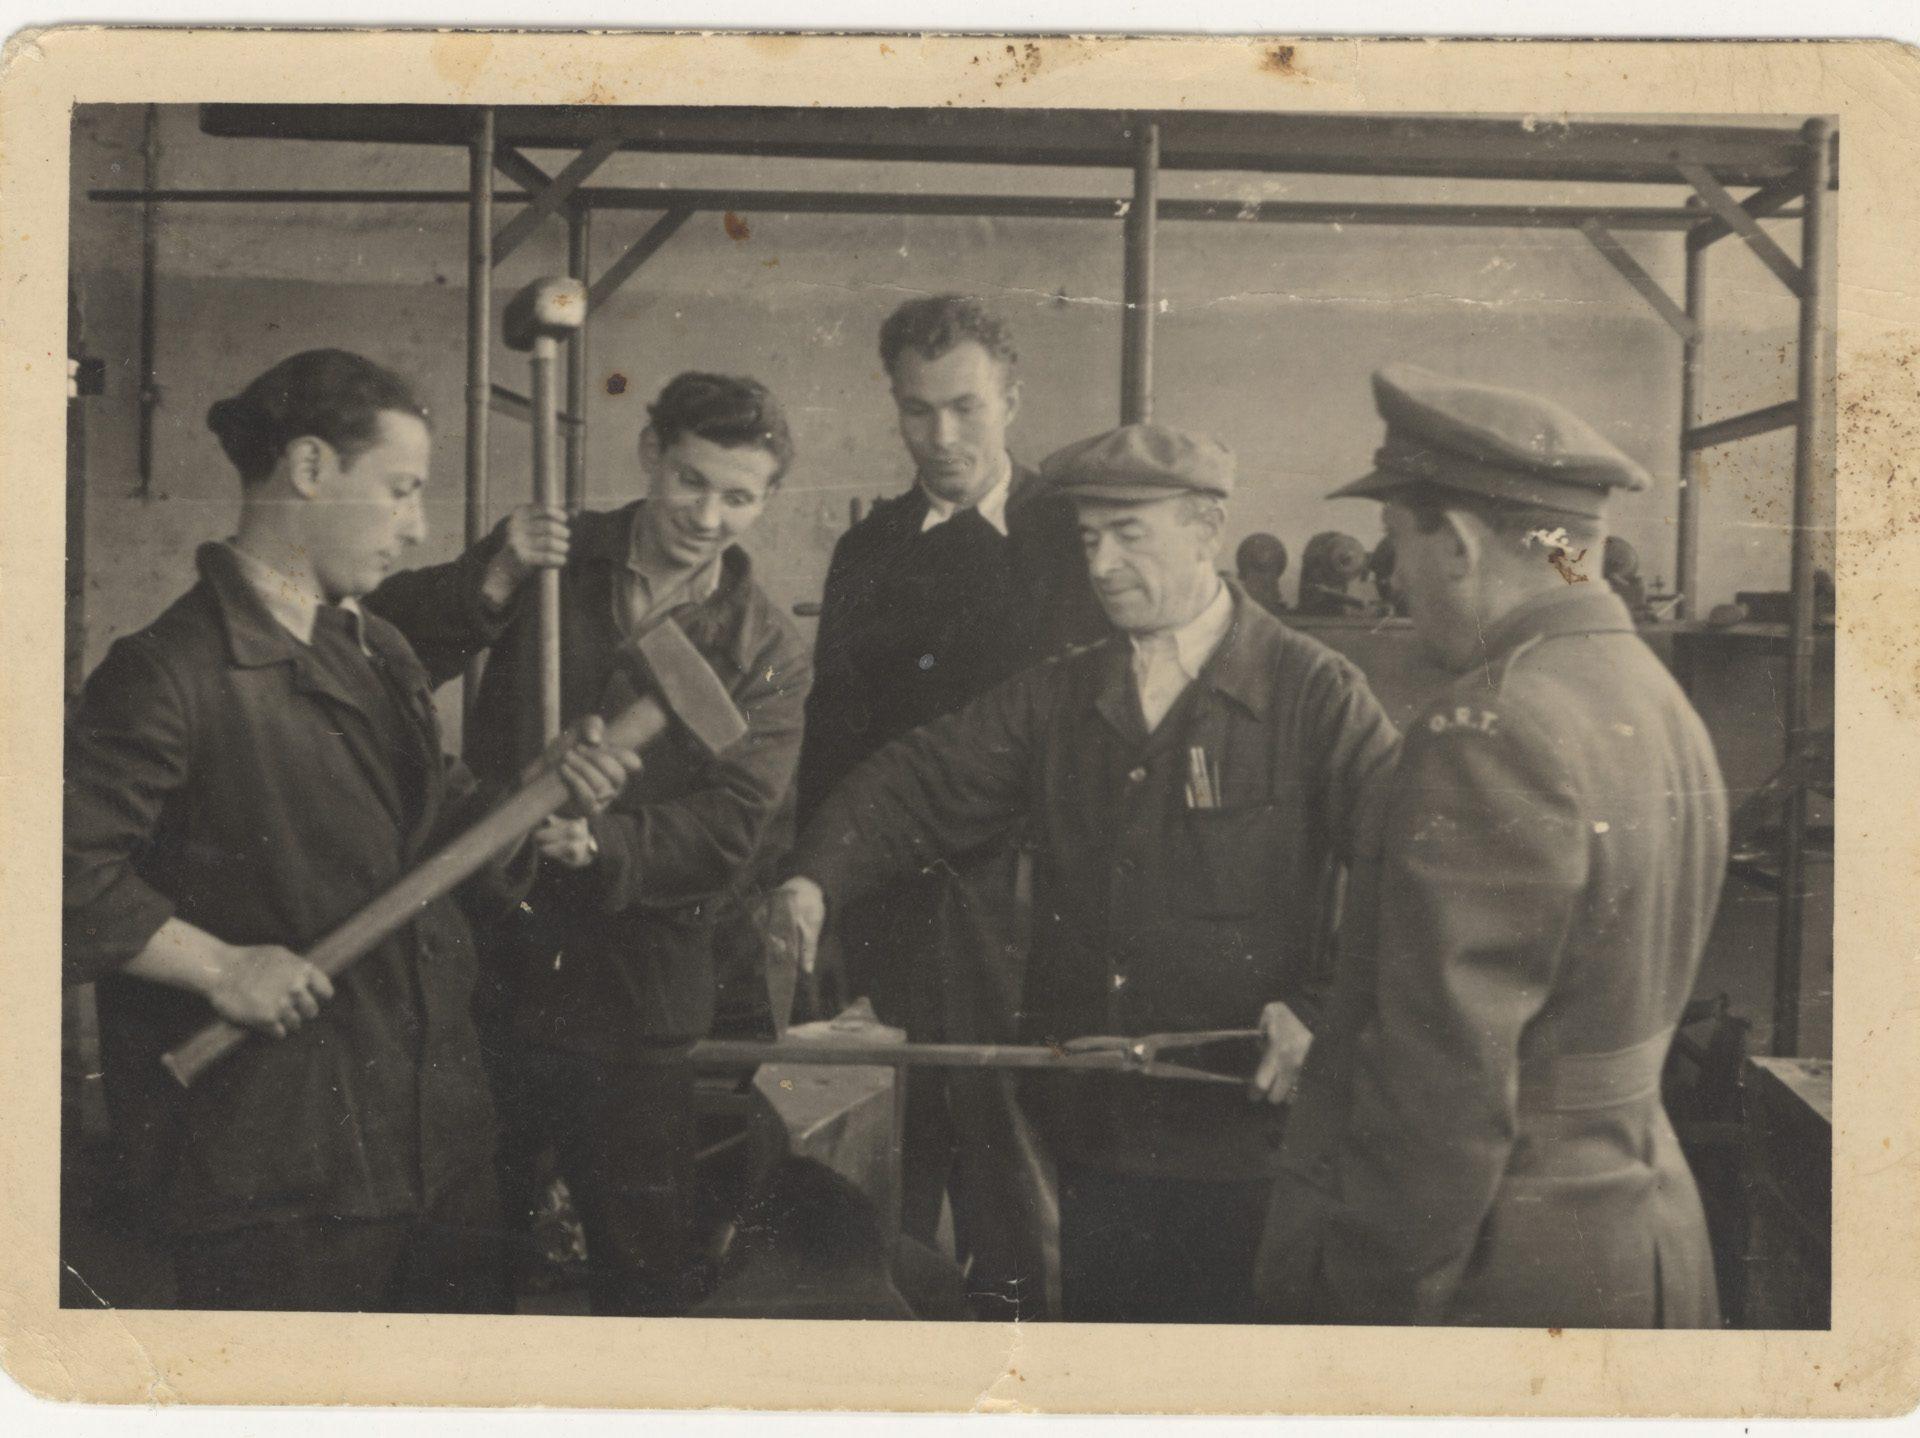 Photographie d'hommes en train de suivre un cours d'ingénierie mécanique au camp de personnes déplacées de Bergen-Belsen en 1947.